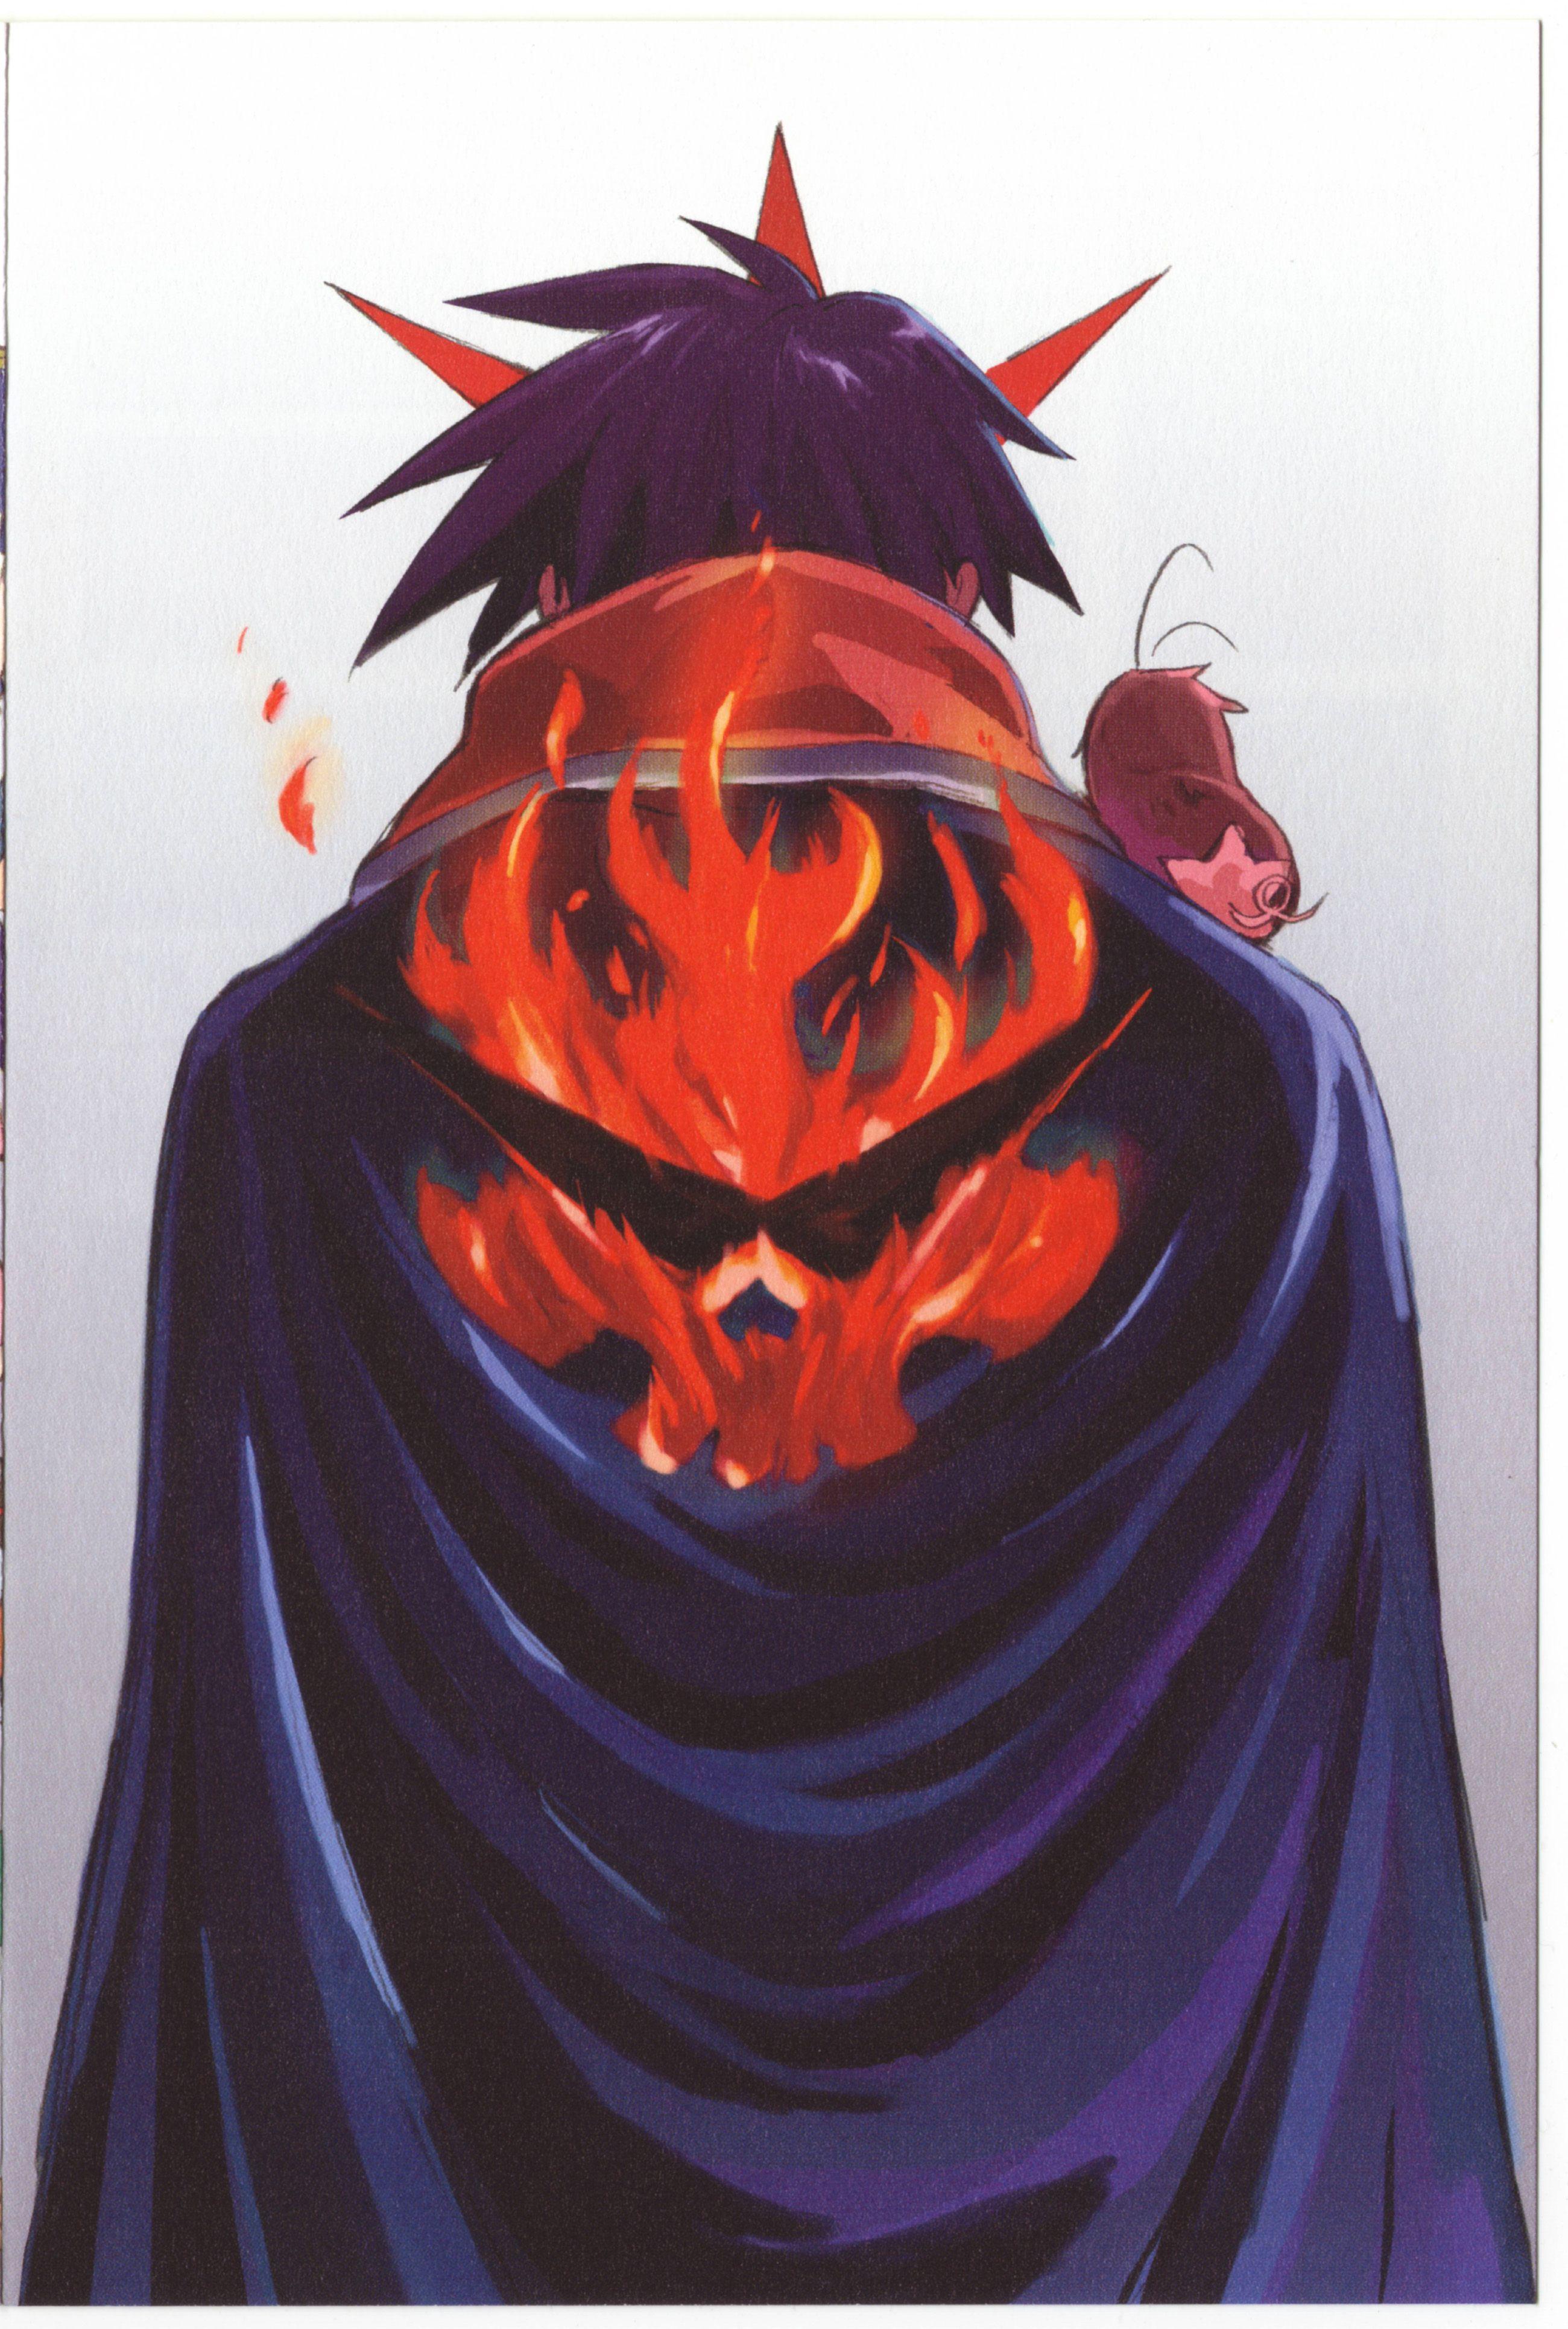 Tengen Toppa Gurren Lagann HQ Manga Poster Tangens